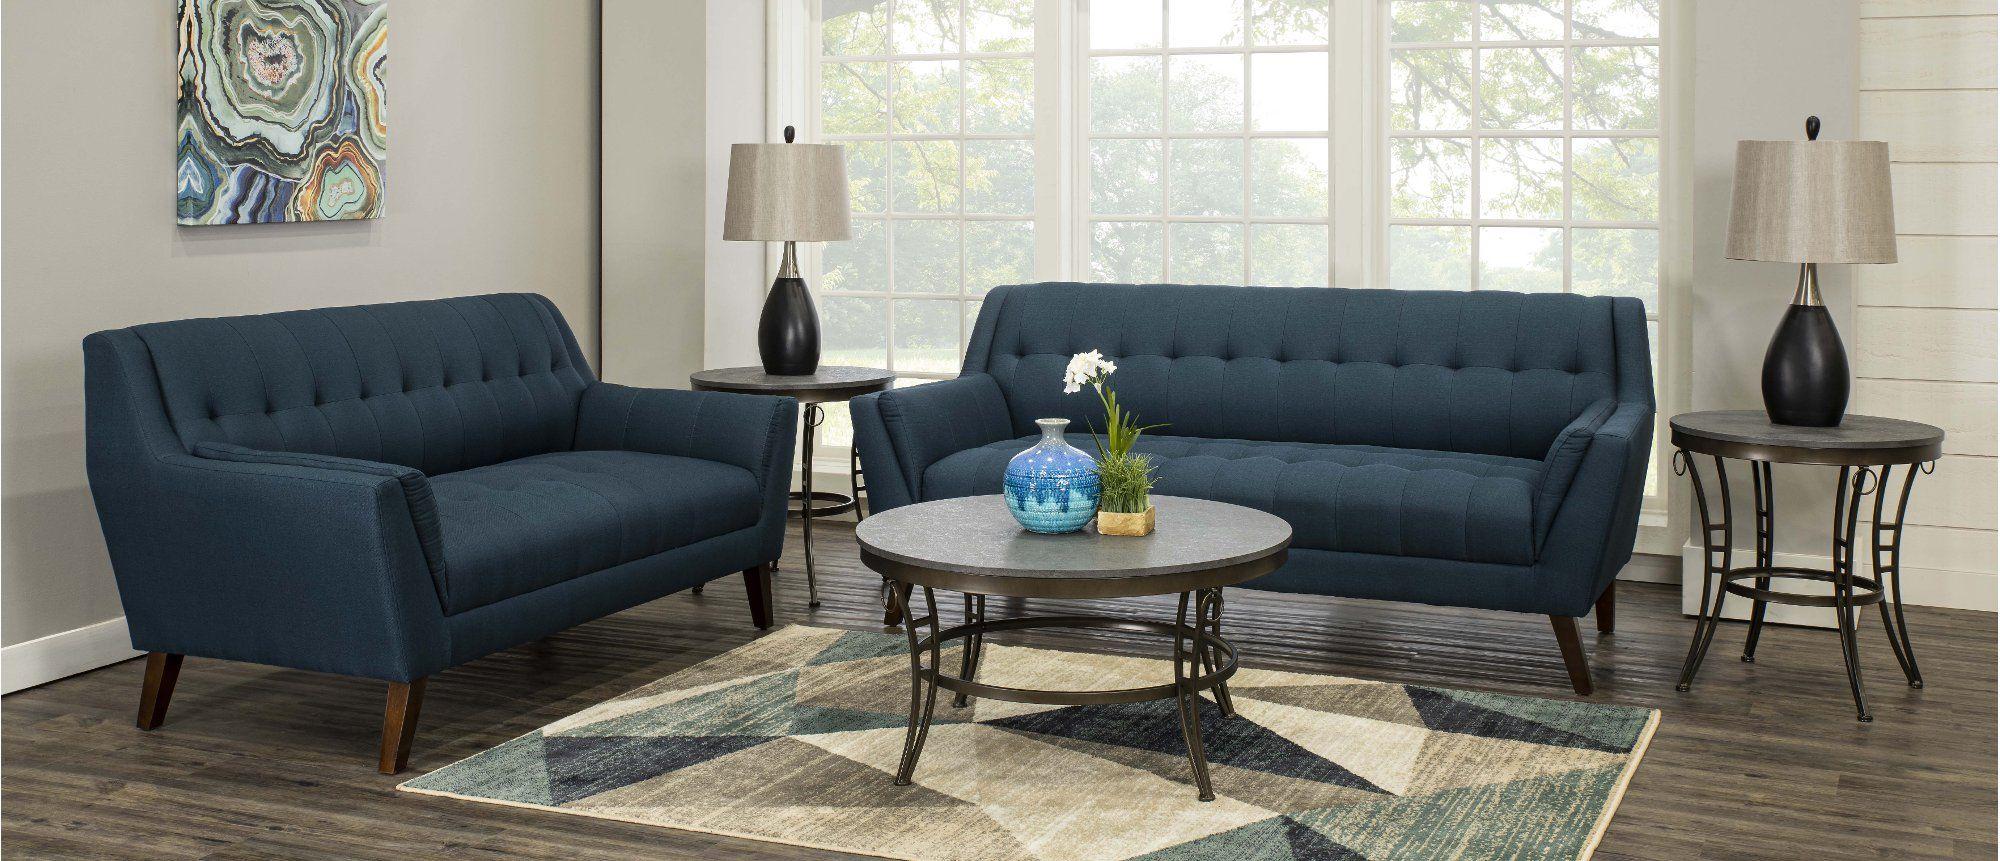 Navy Blue 5 Piece Living Room Set Celeste 5 Piece Living Room